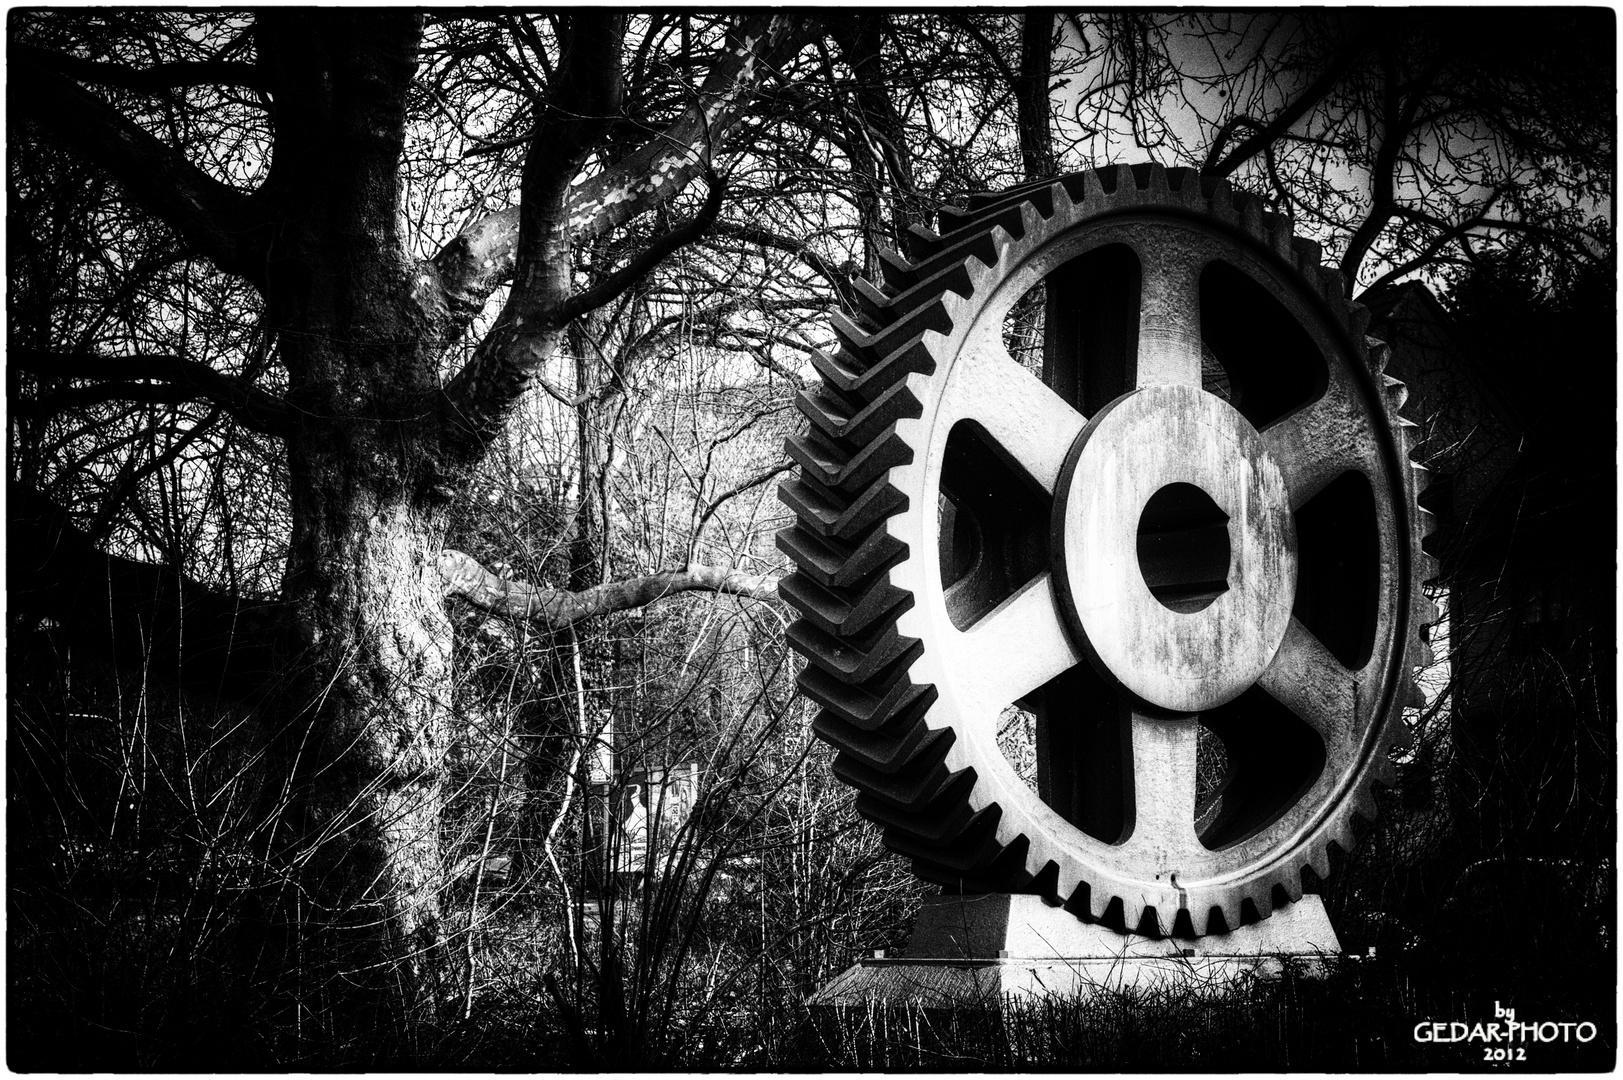 Riesenzahnrad - Industriedenkmal in GE